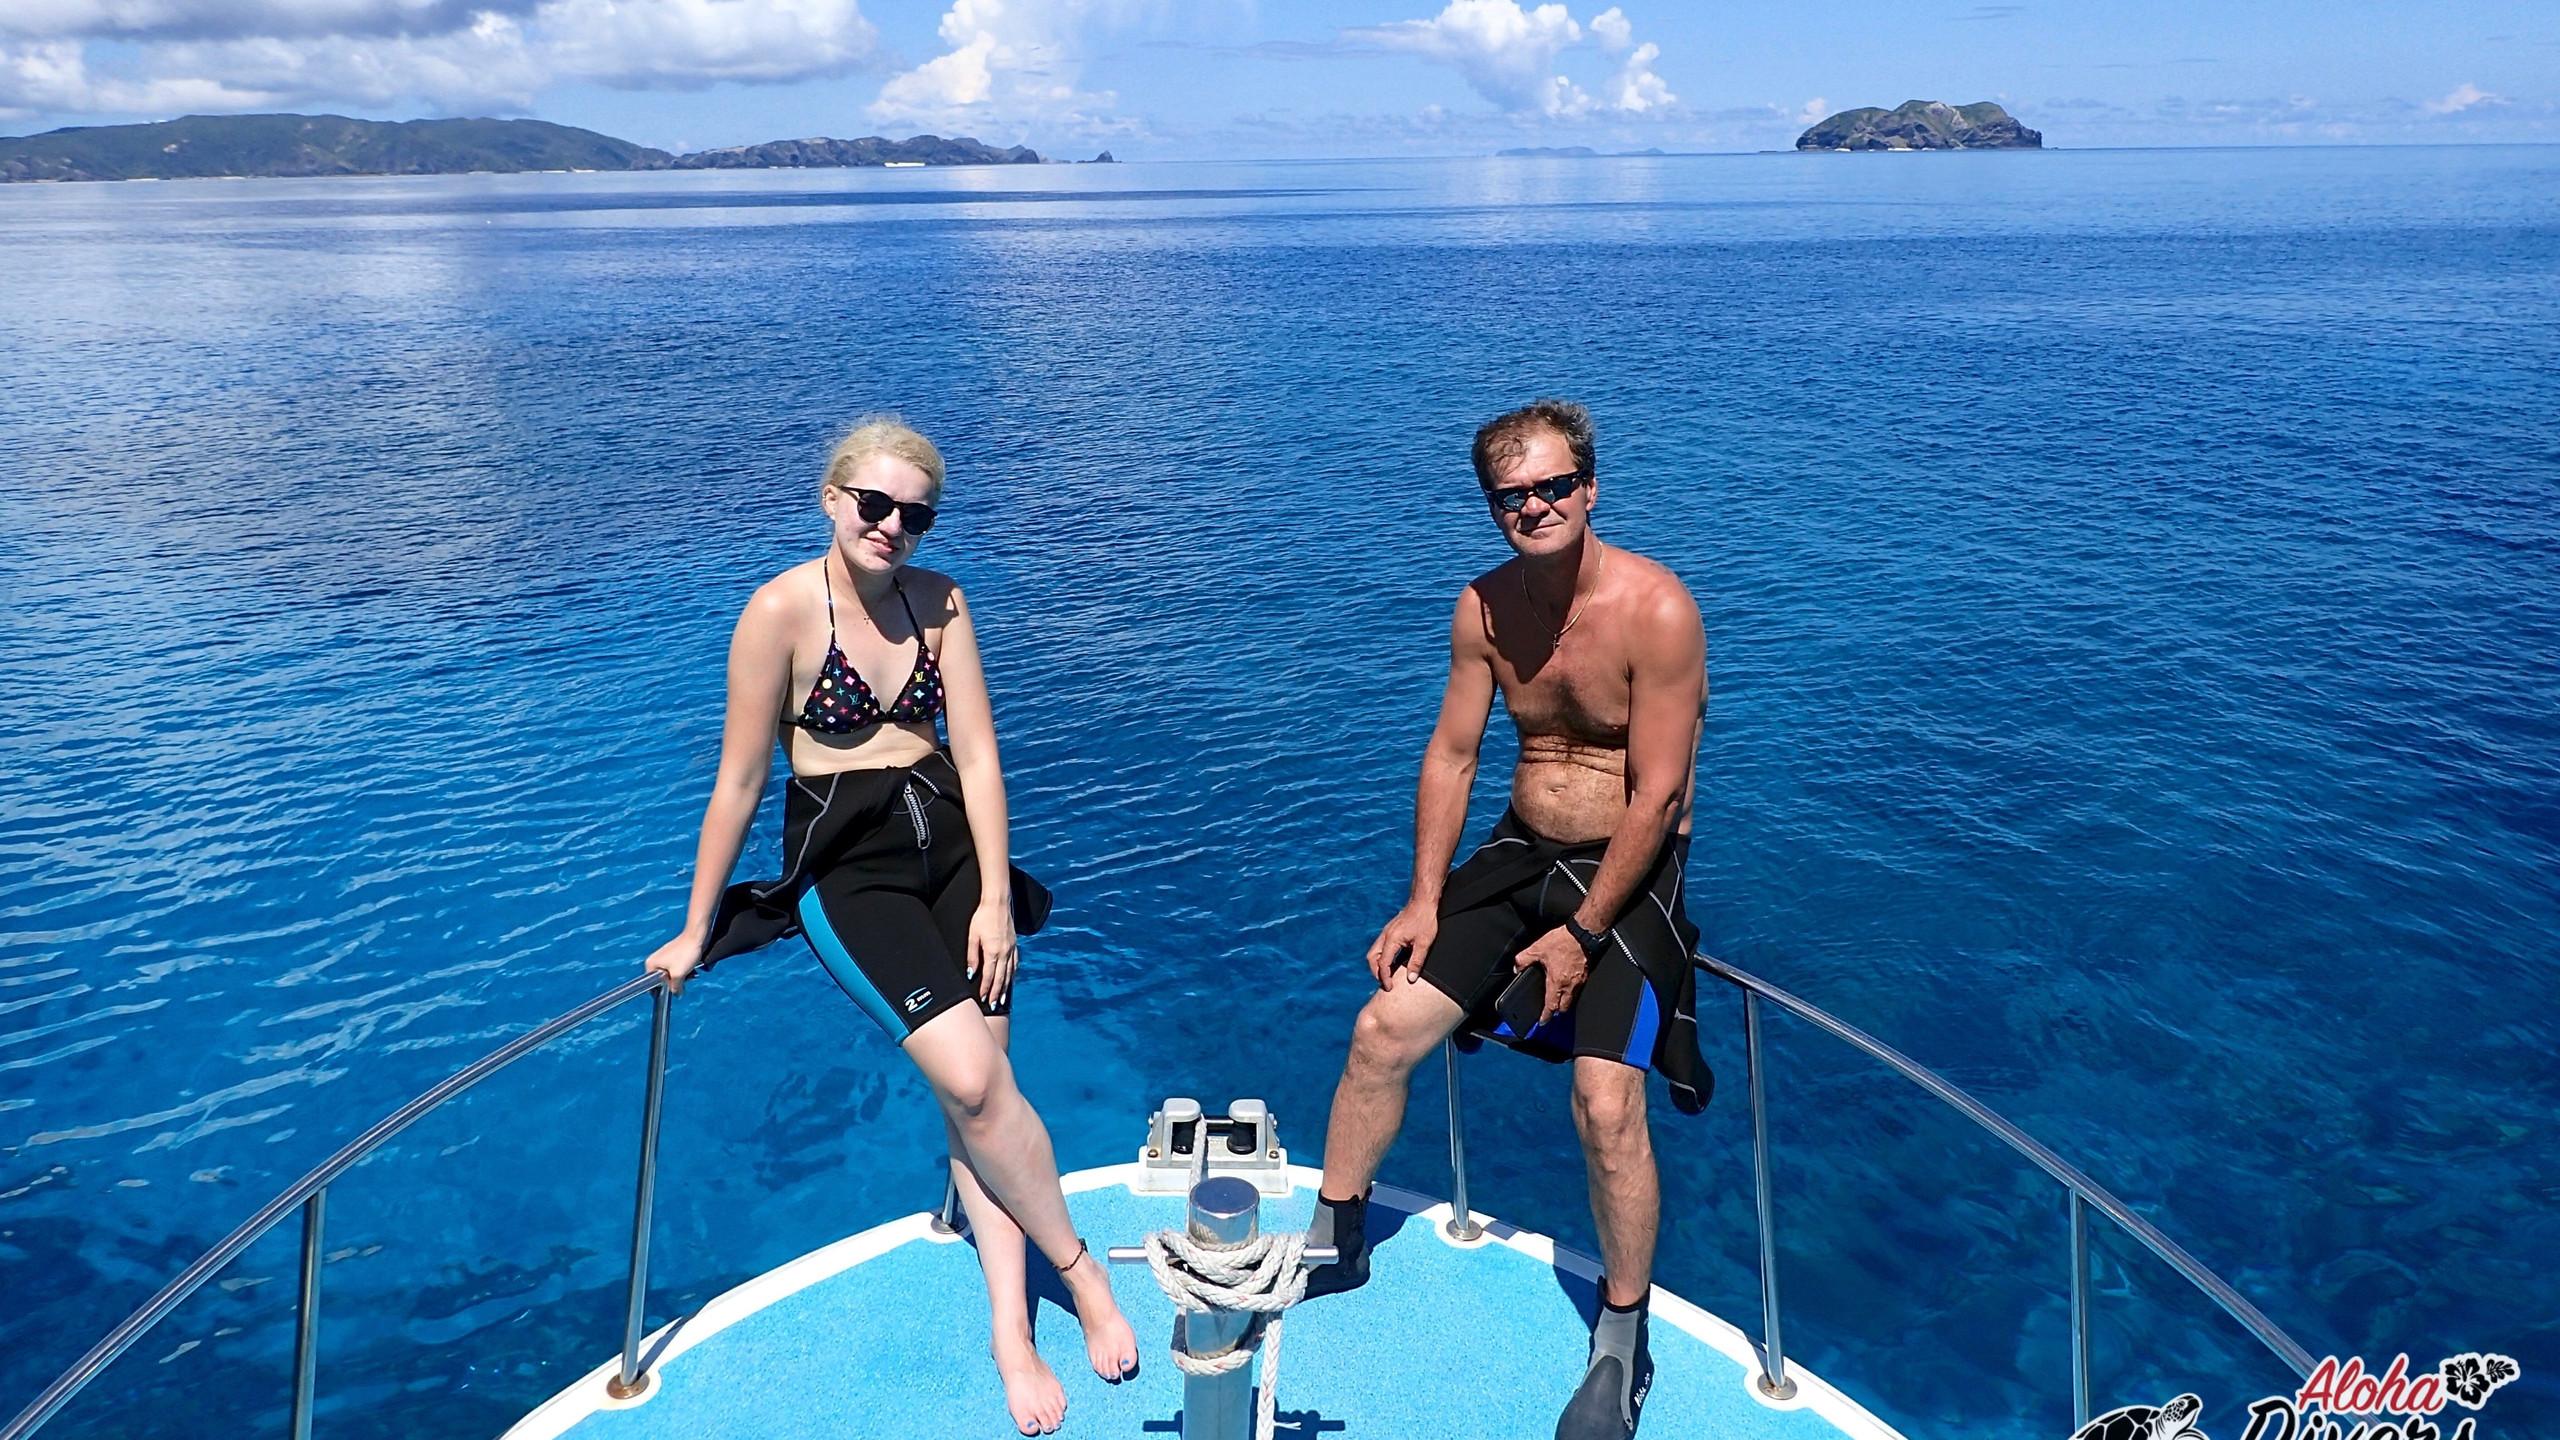 Mergulho Experimental com Aloha Divers Okinawa - Mergulho em OKinawa